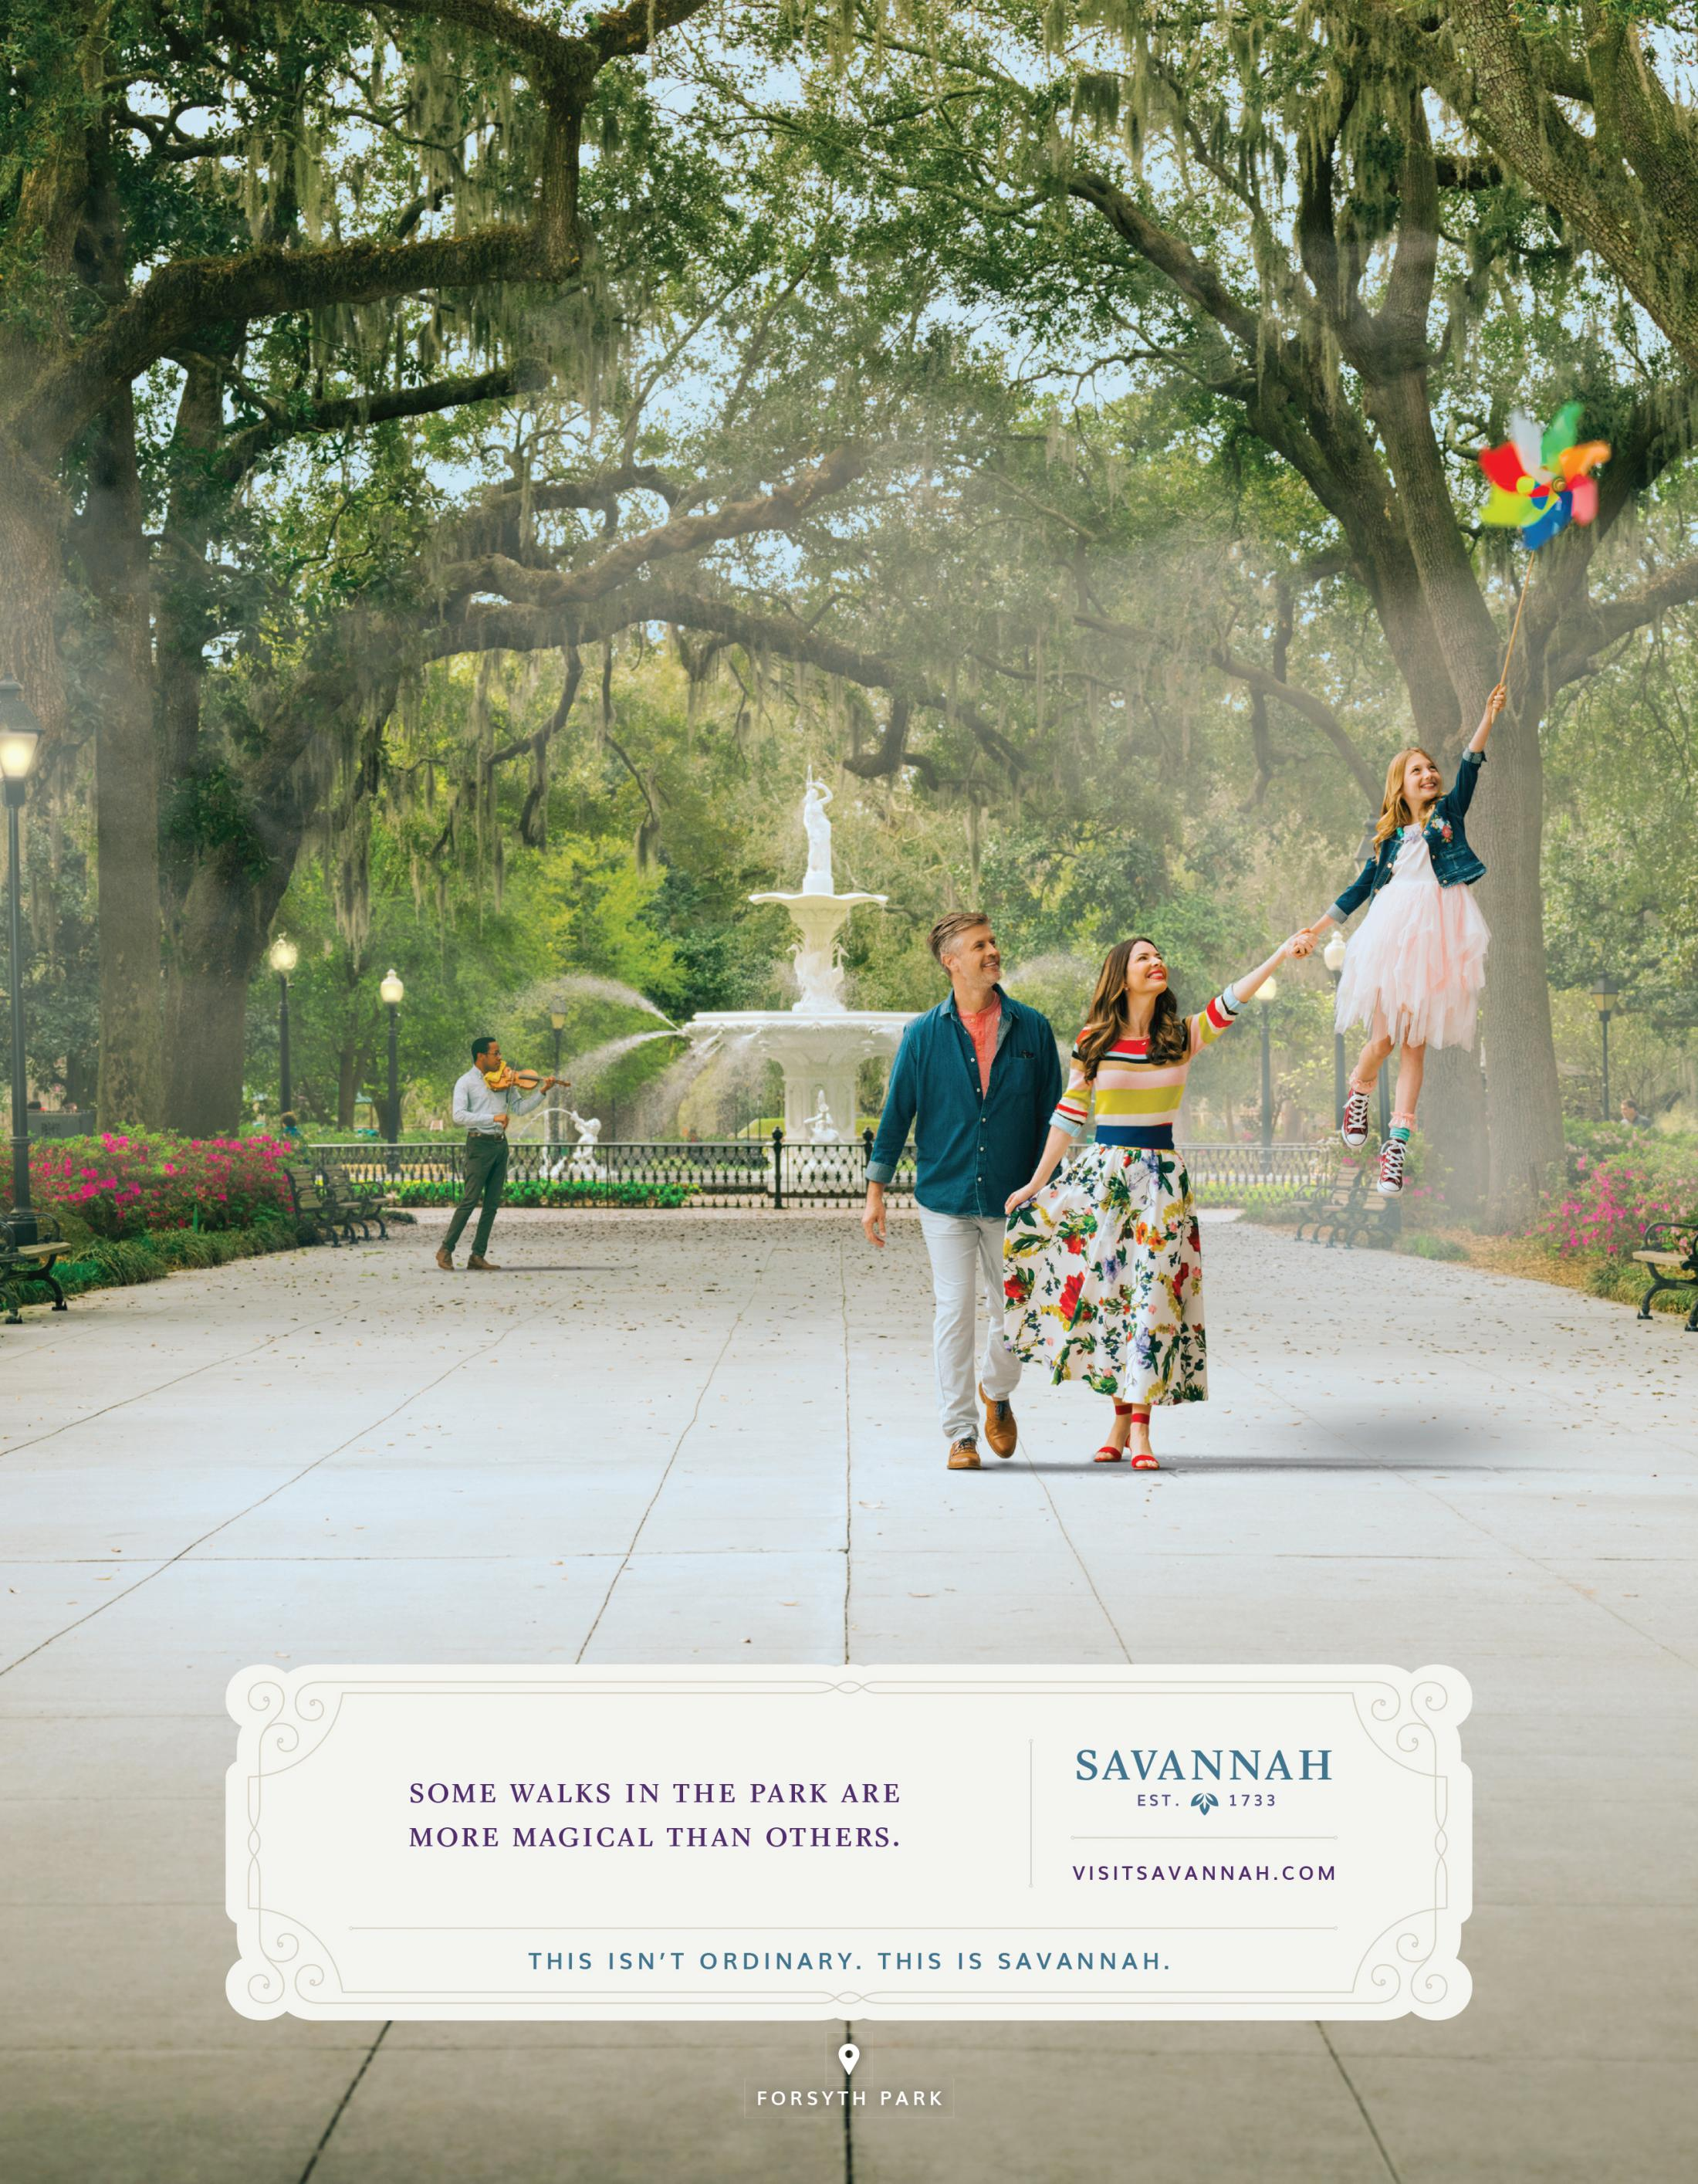 Visit Savannah Print Ad - Forsyth Park